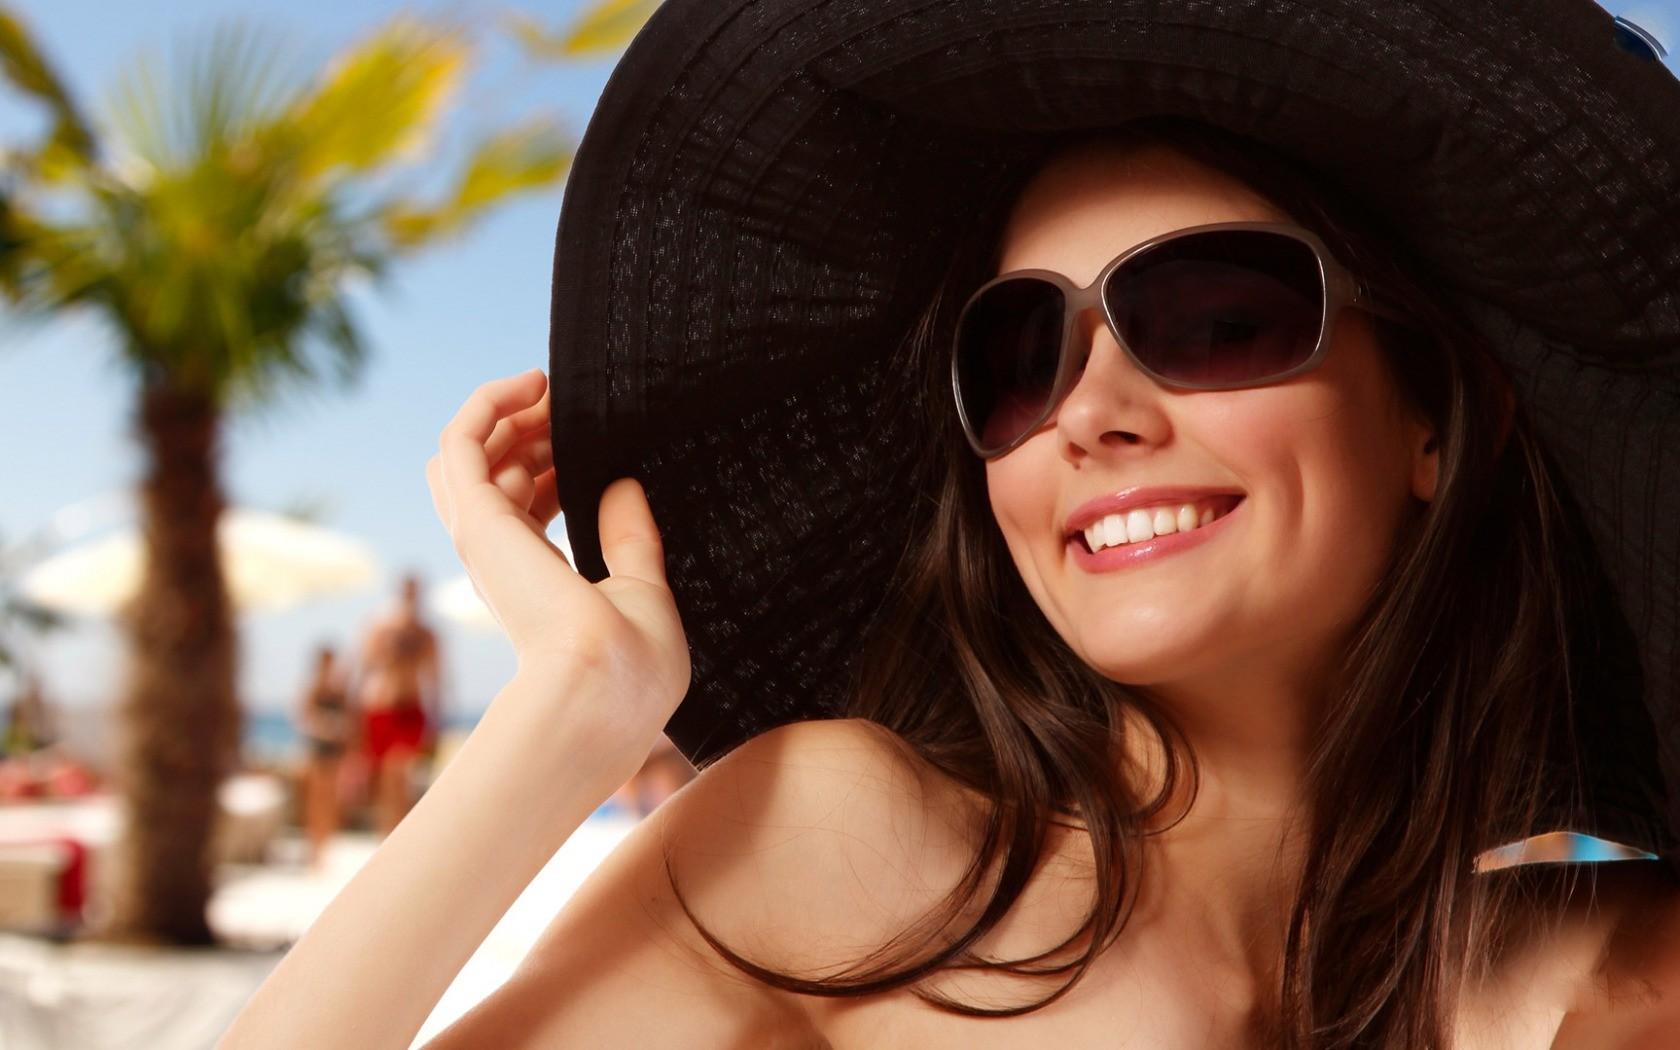 Фото женщин брюнеток на аву в очках